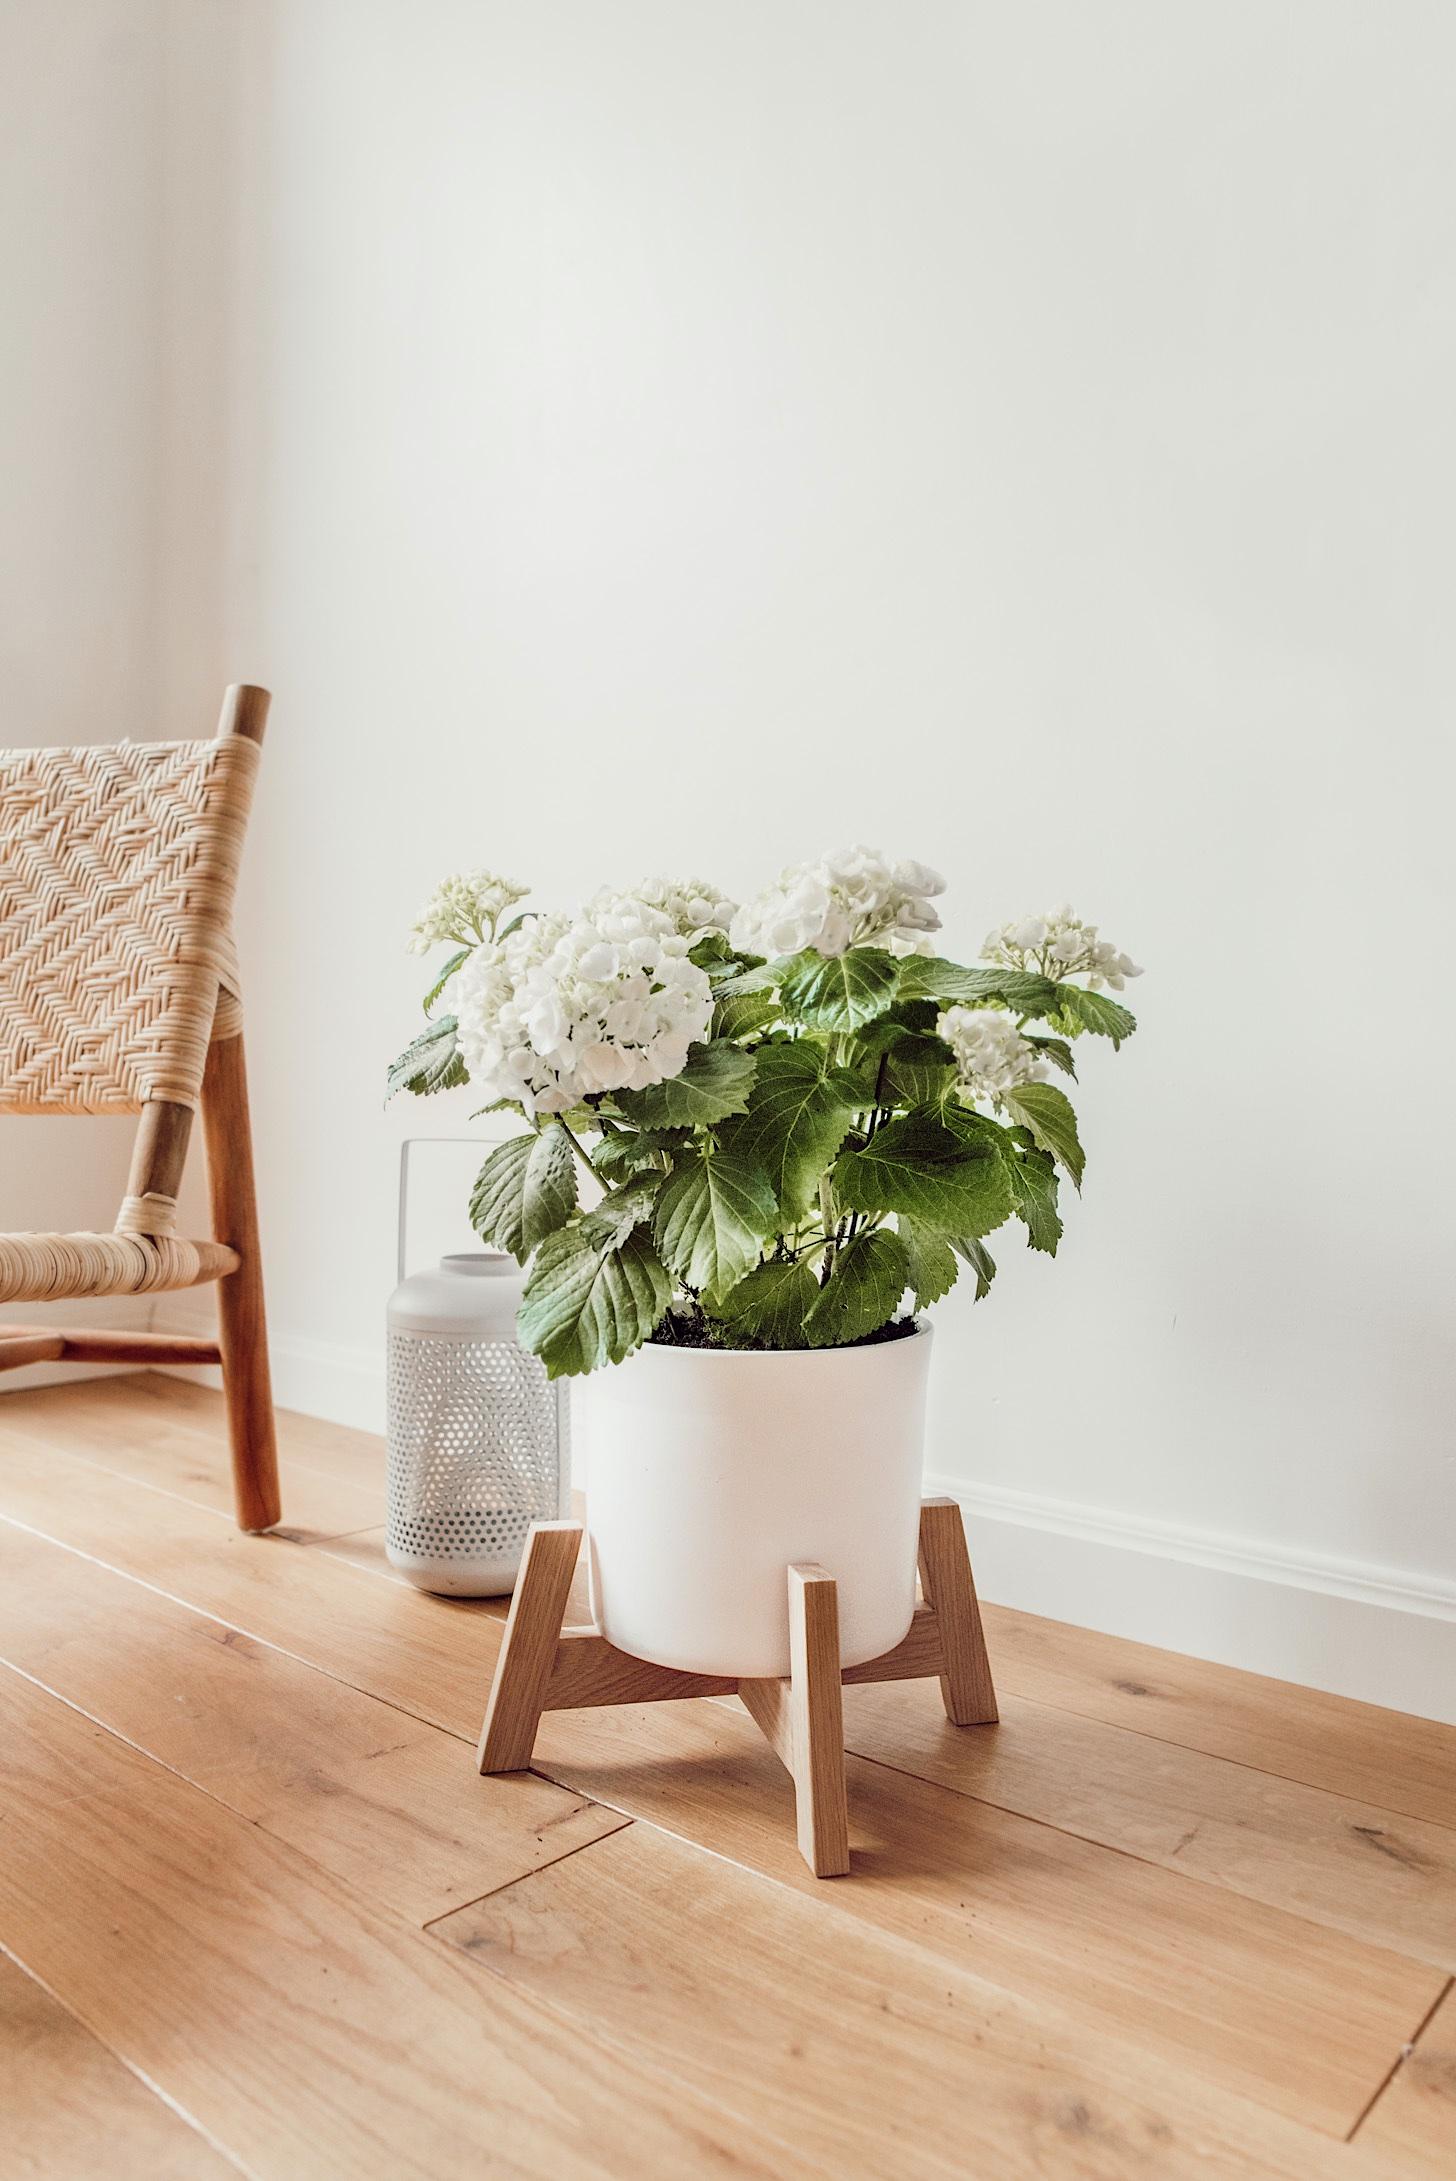 Plantenstandaard DIY zelf maken a cup of life (1)